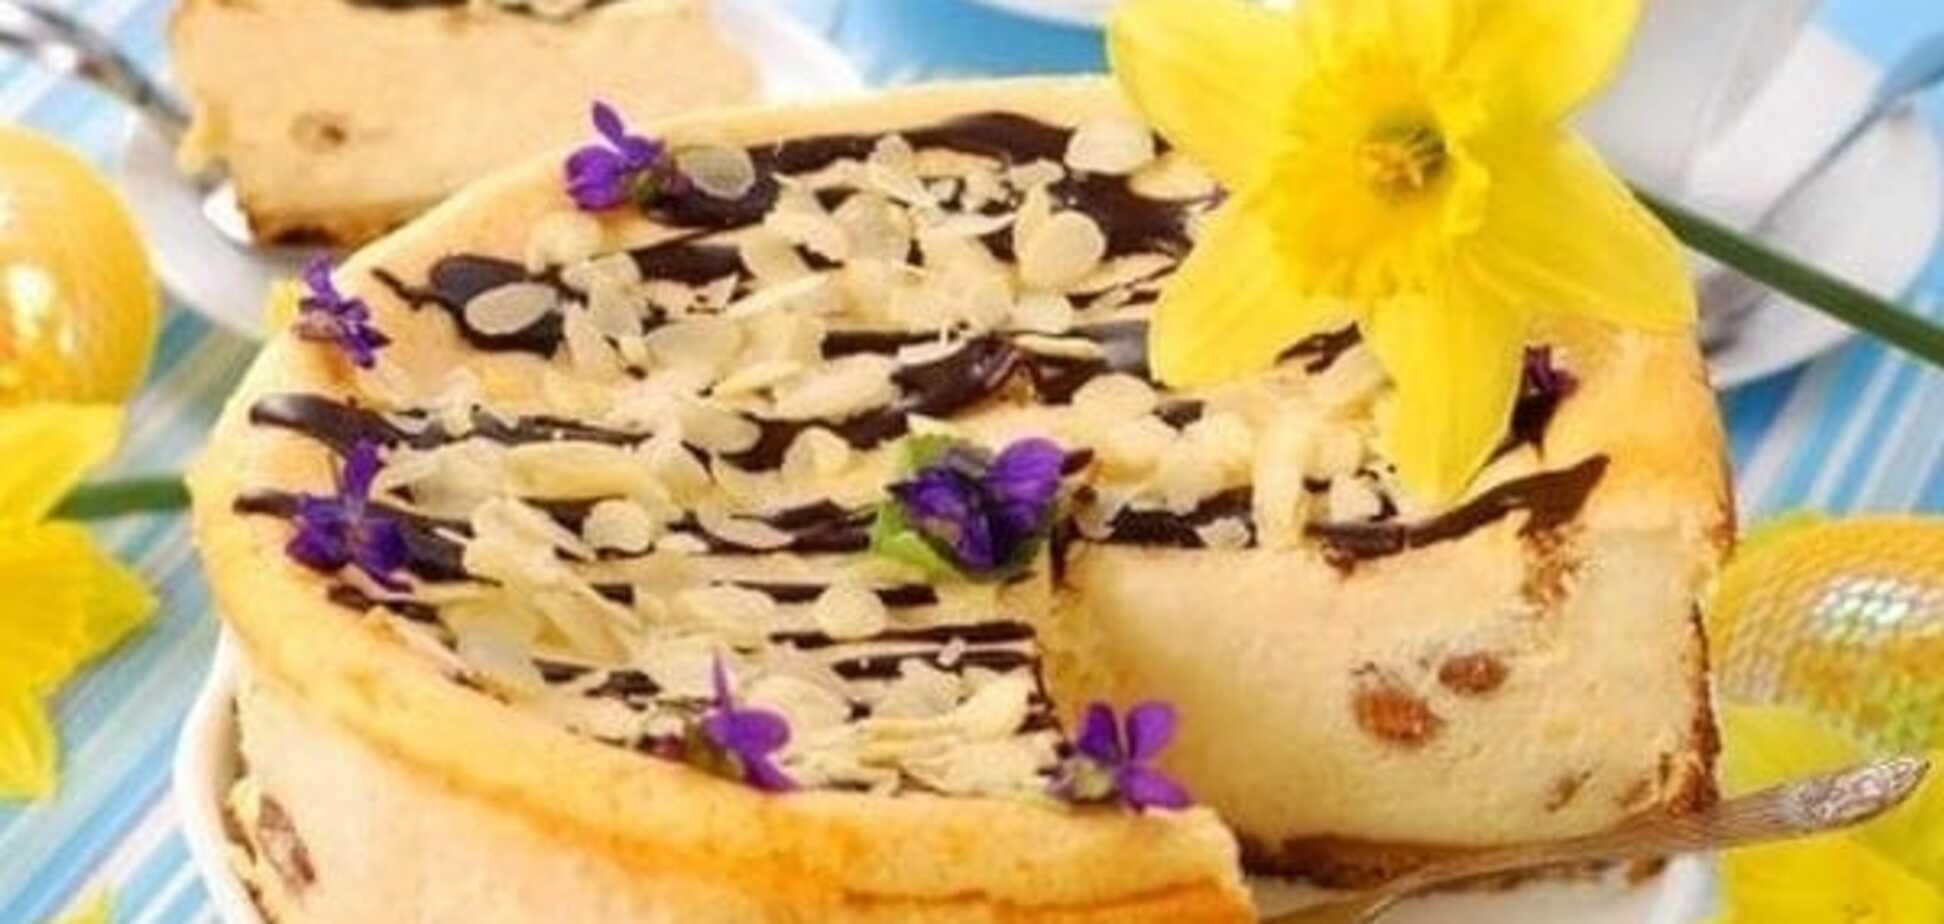 Сирна паска печена: рецепт десерту і секрети приготування